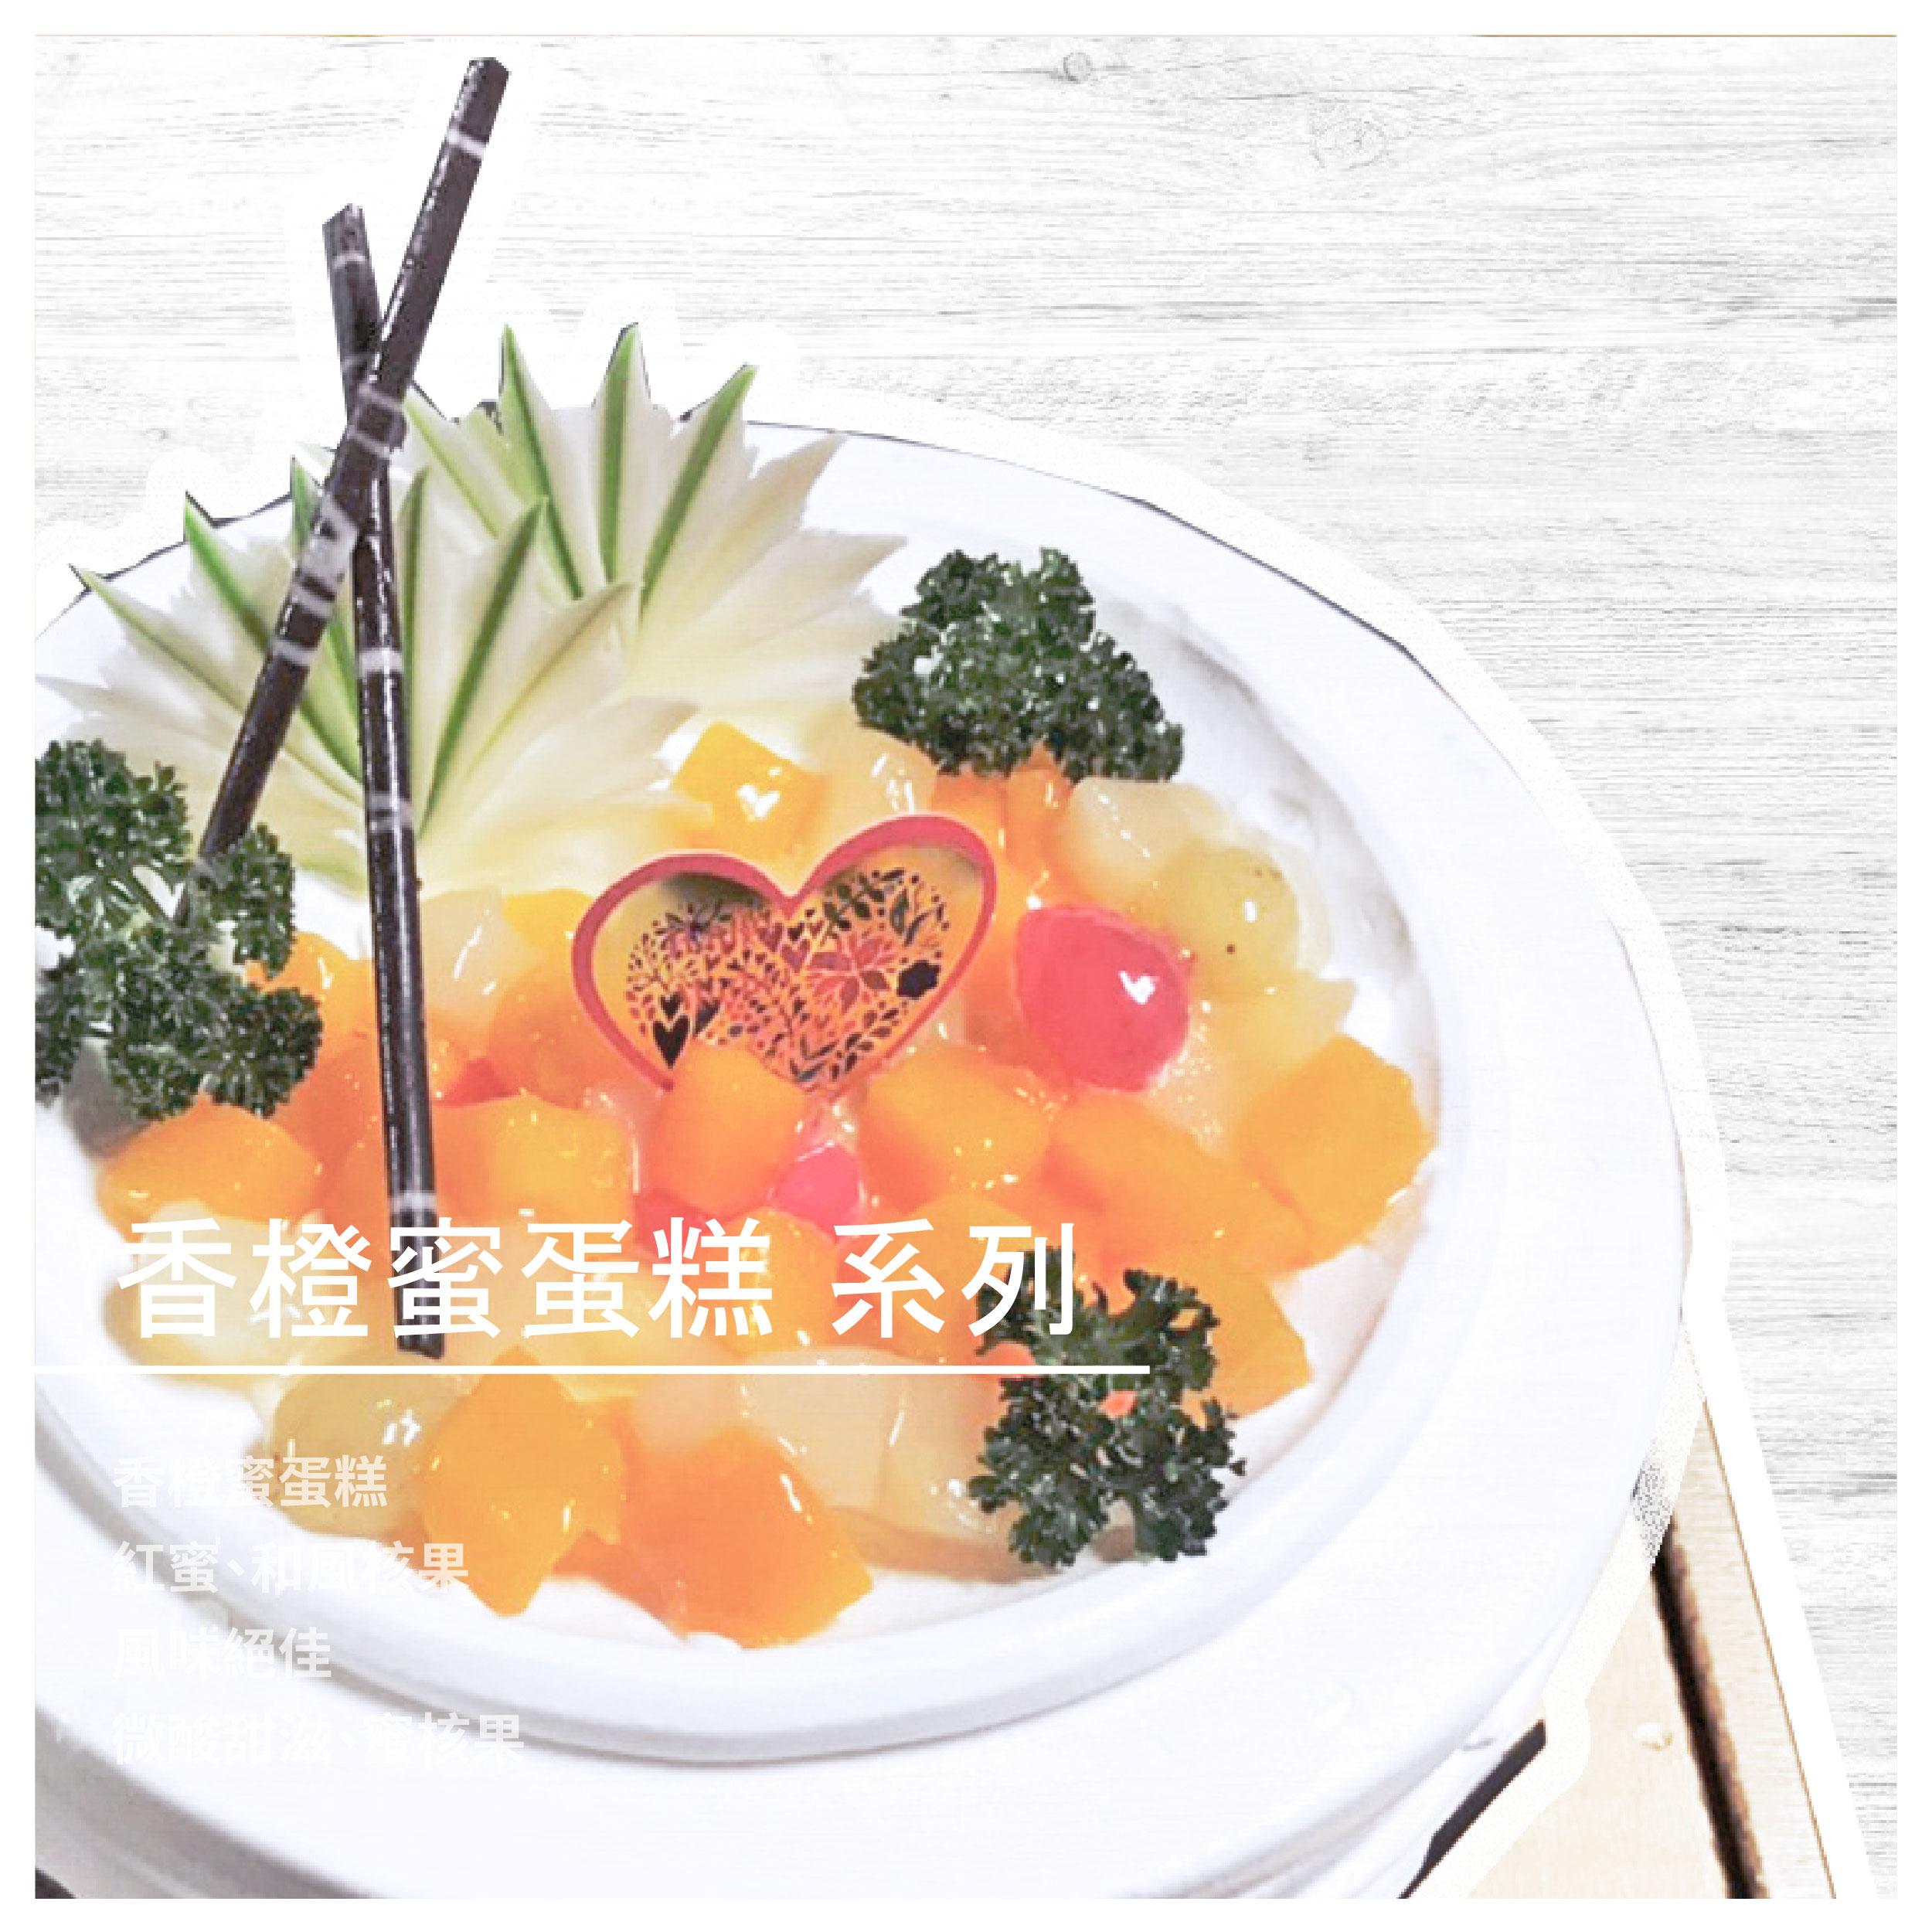 【日發蛋糕麵包】香橙蜜蛋糕 夏日和風/繽紛舞艷